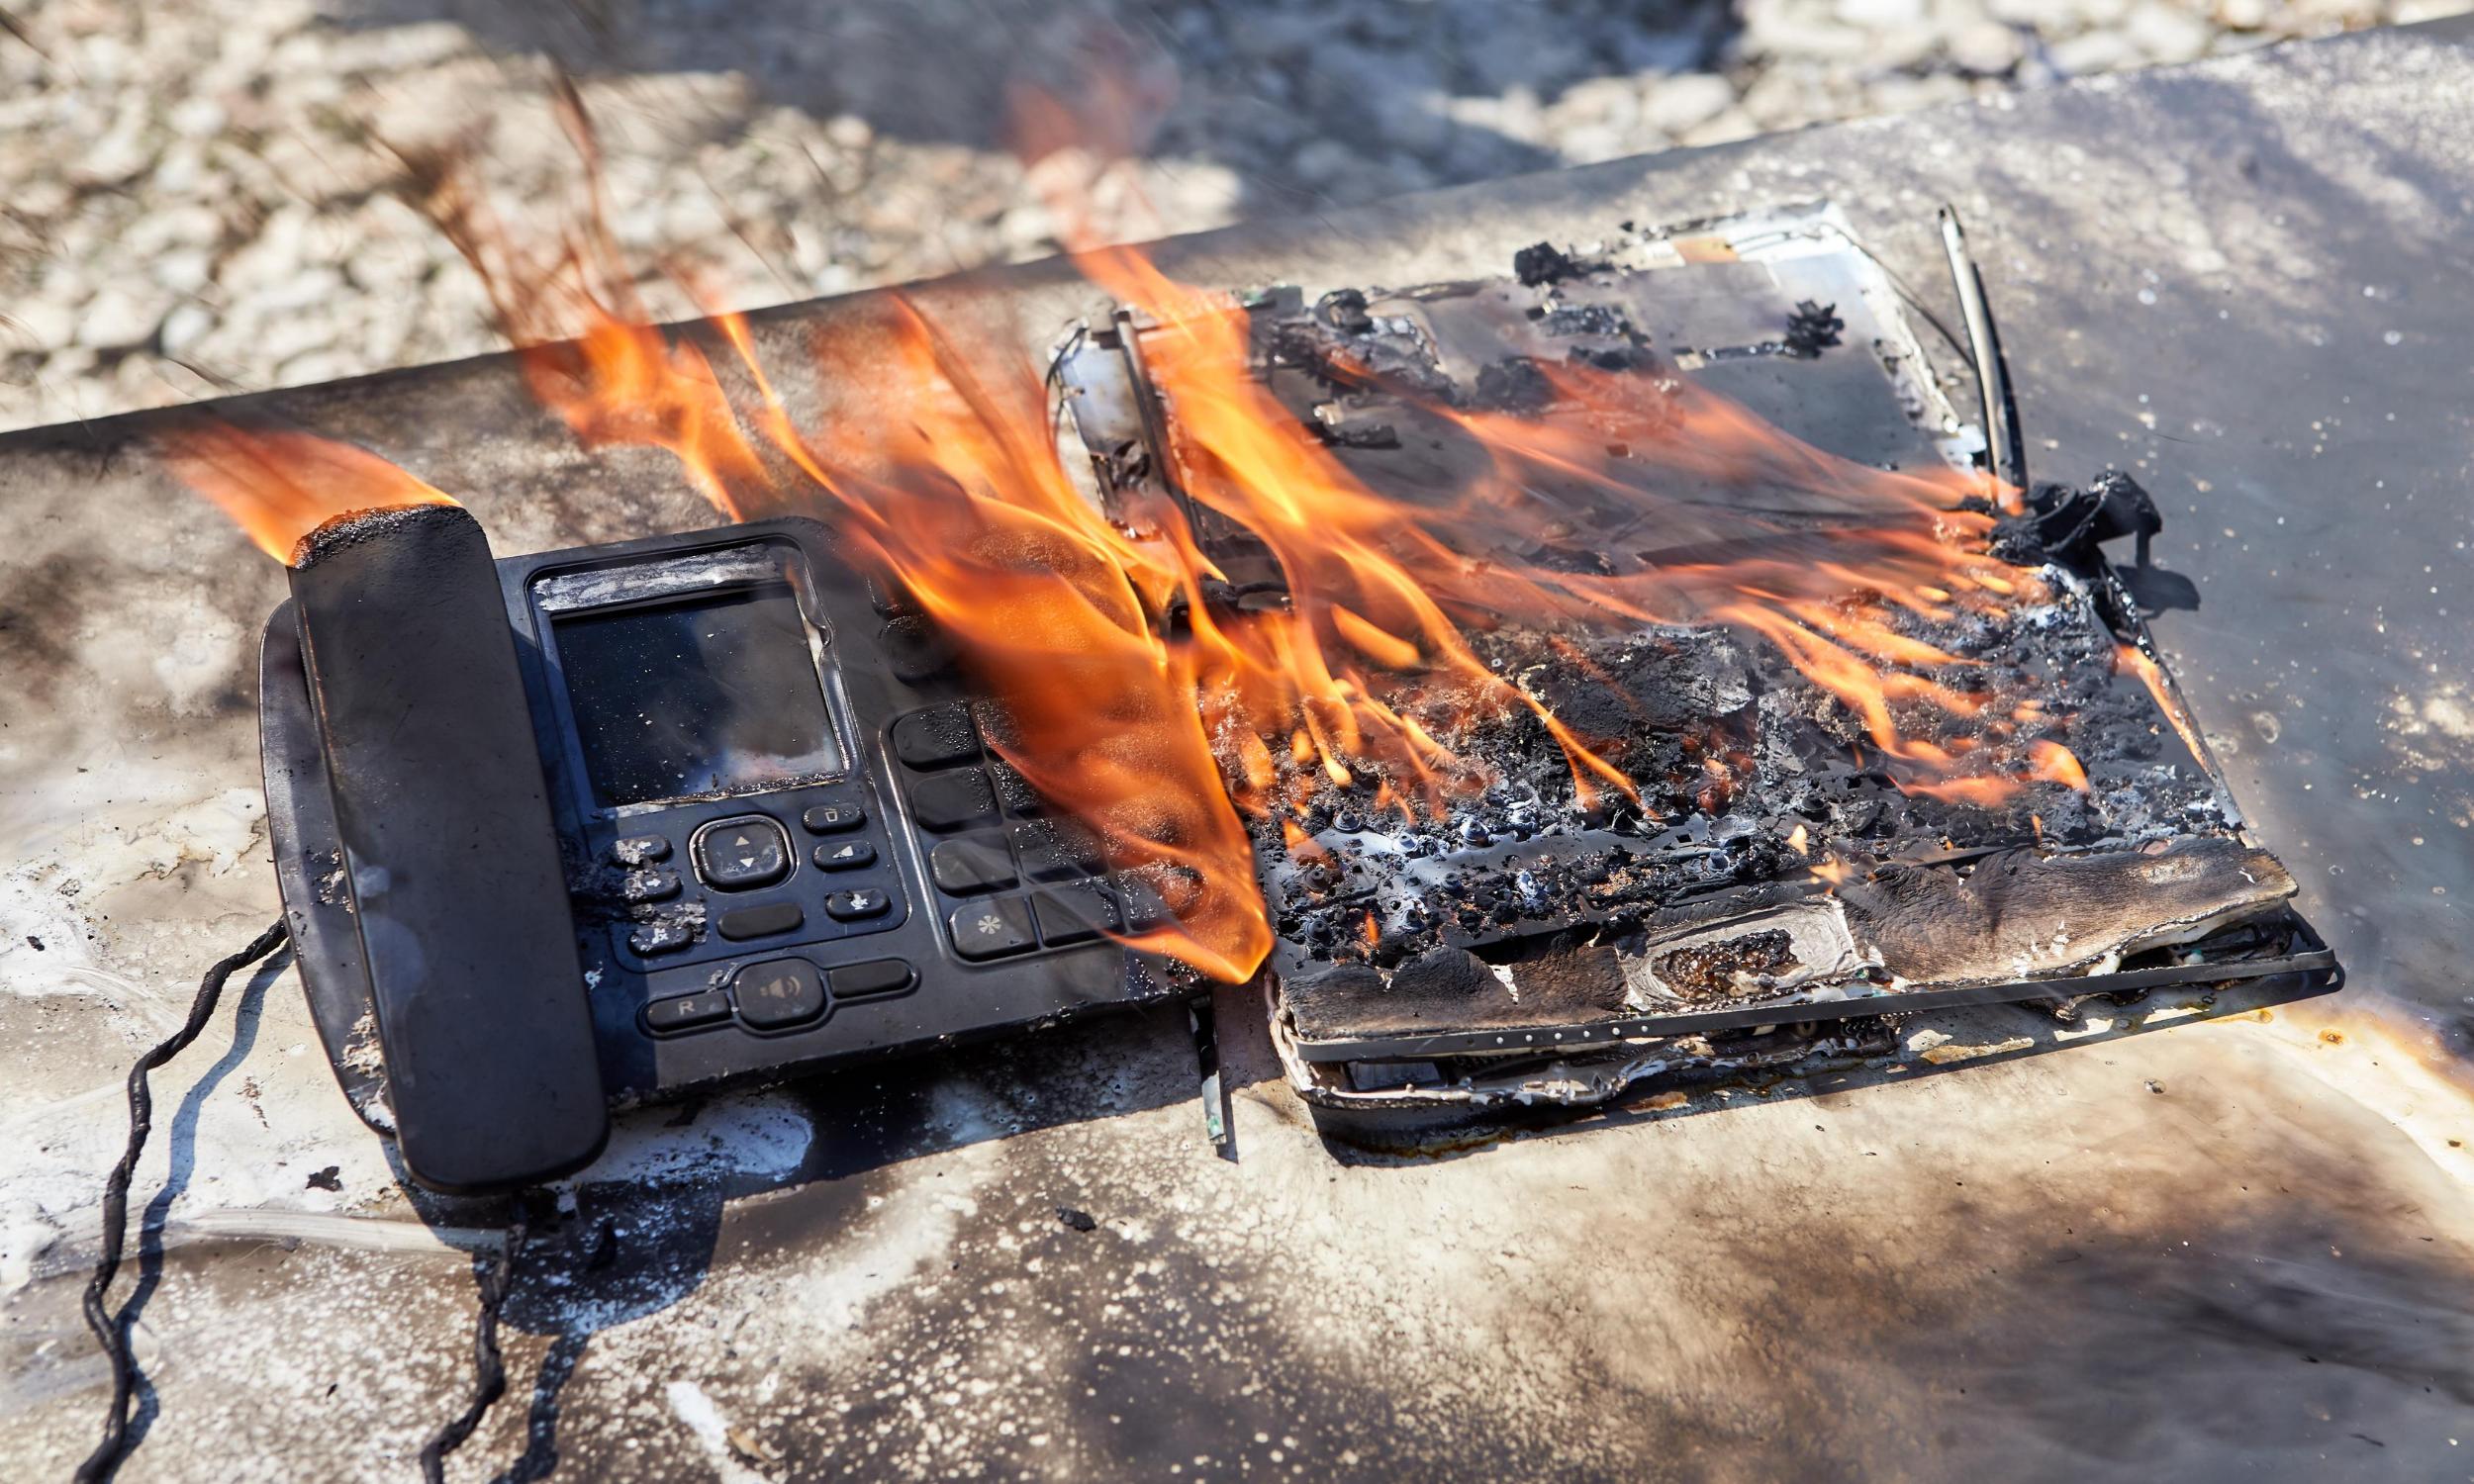 Liever niet failliet door grote brand